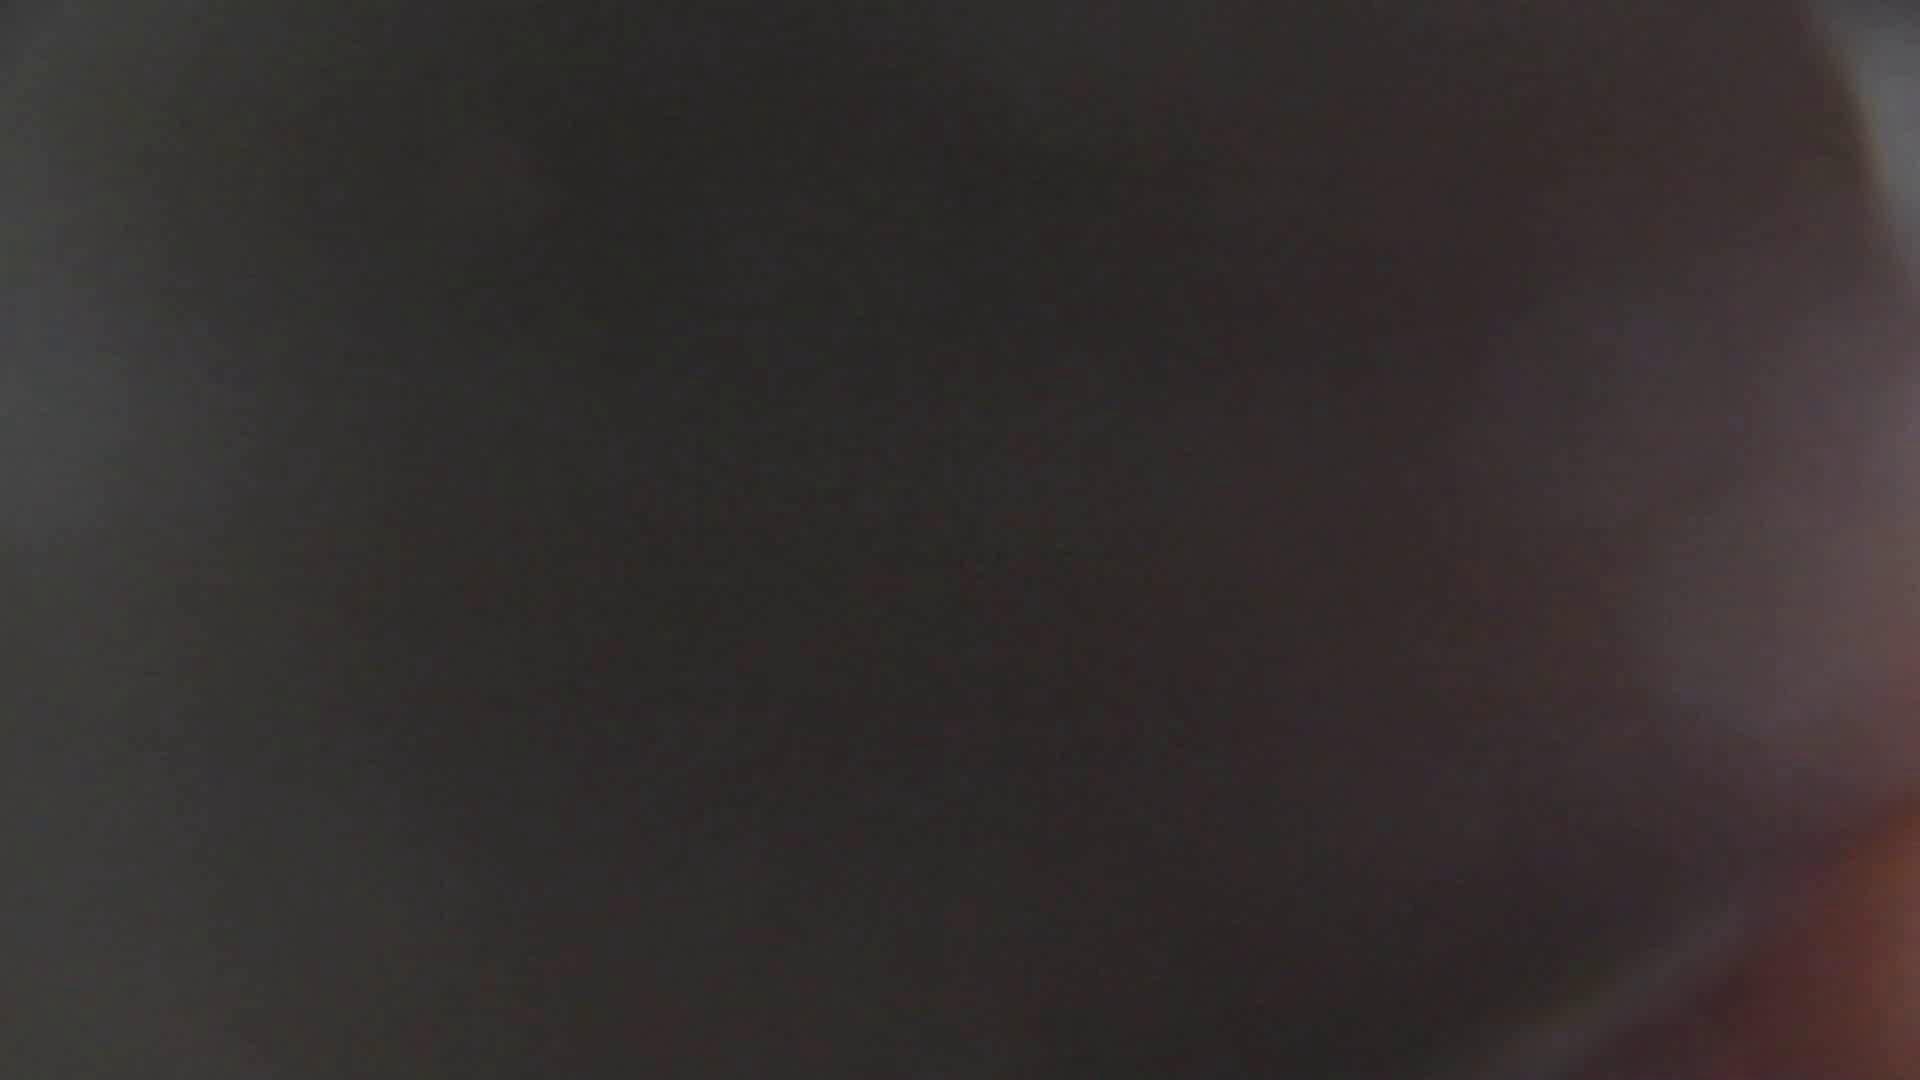 【美しき個室な世界】 vol.018 ピンクのおネエタン 洗面所  82pic 65